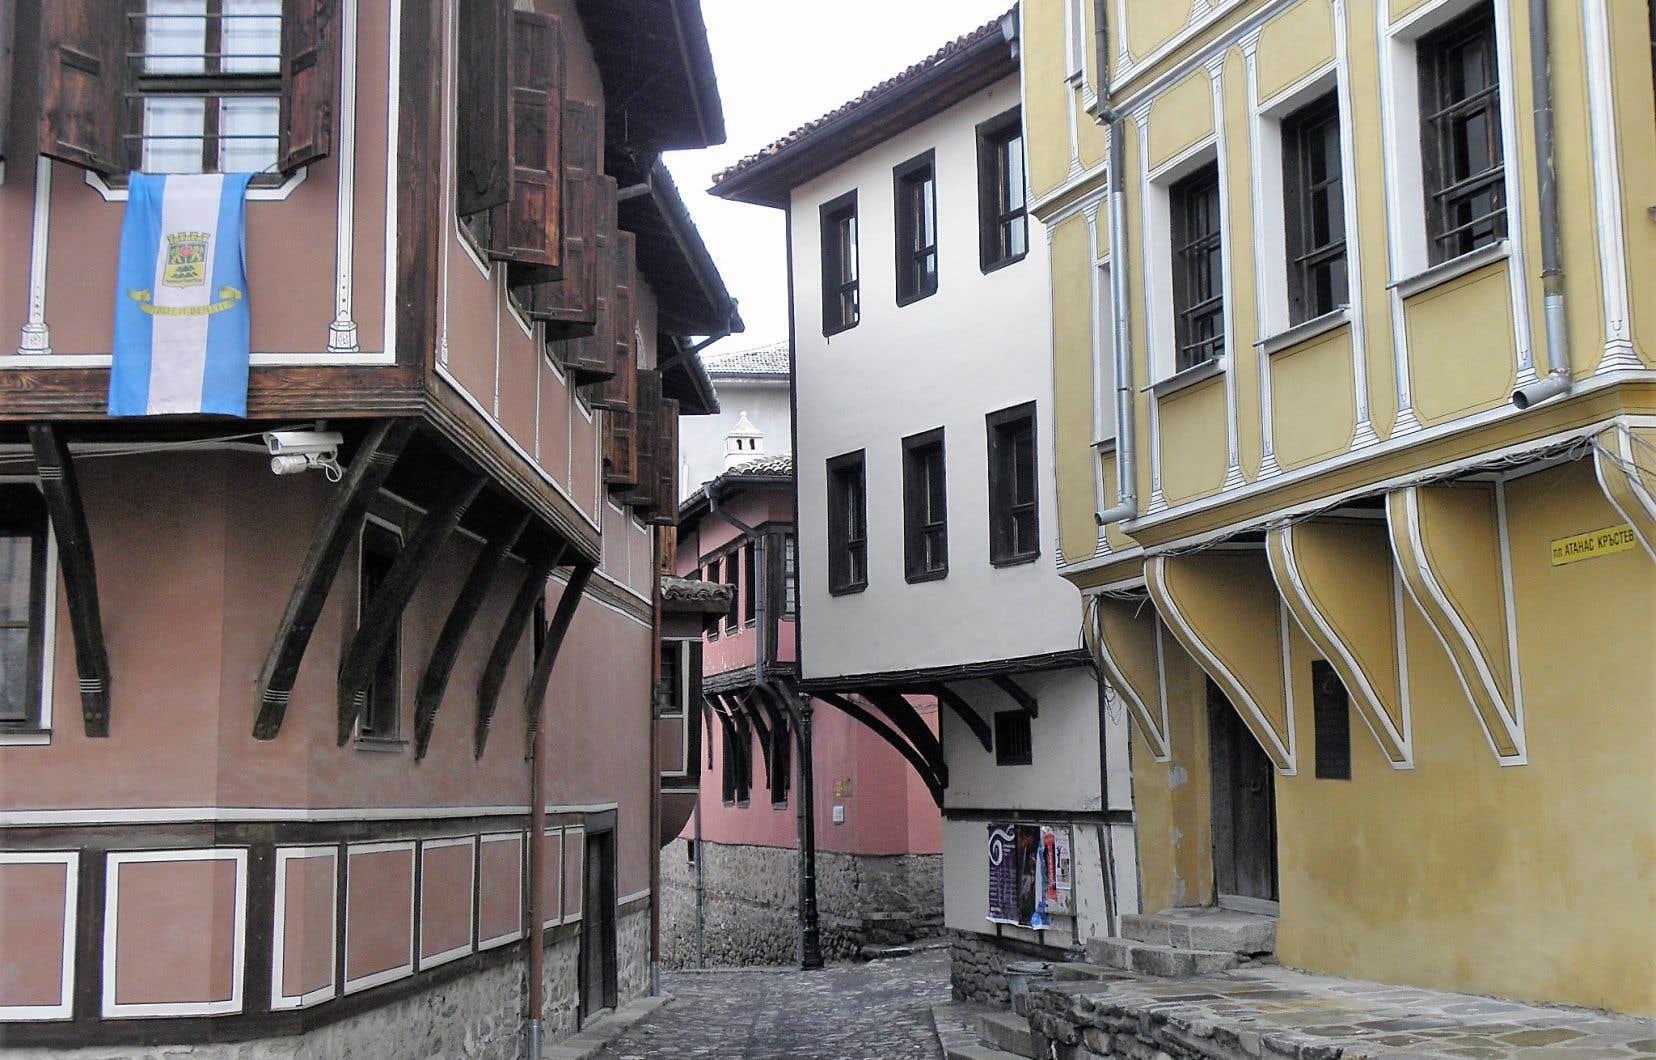 Visiter Plovdiv, c'est à la fois un voyage dans le temps et dans la modernité. Son joyau? La vieille ville avec ses rues pavées, datant de l'ère romaine, et ses maisons bourgeoises de la Renaissance.